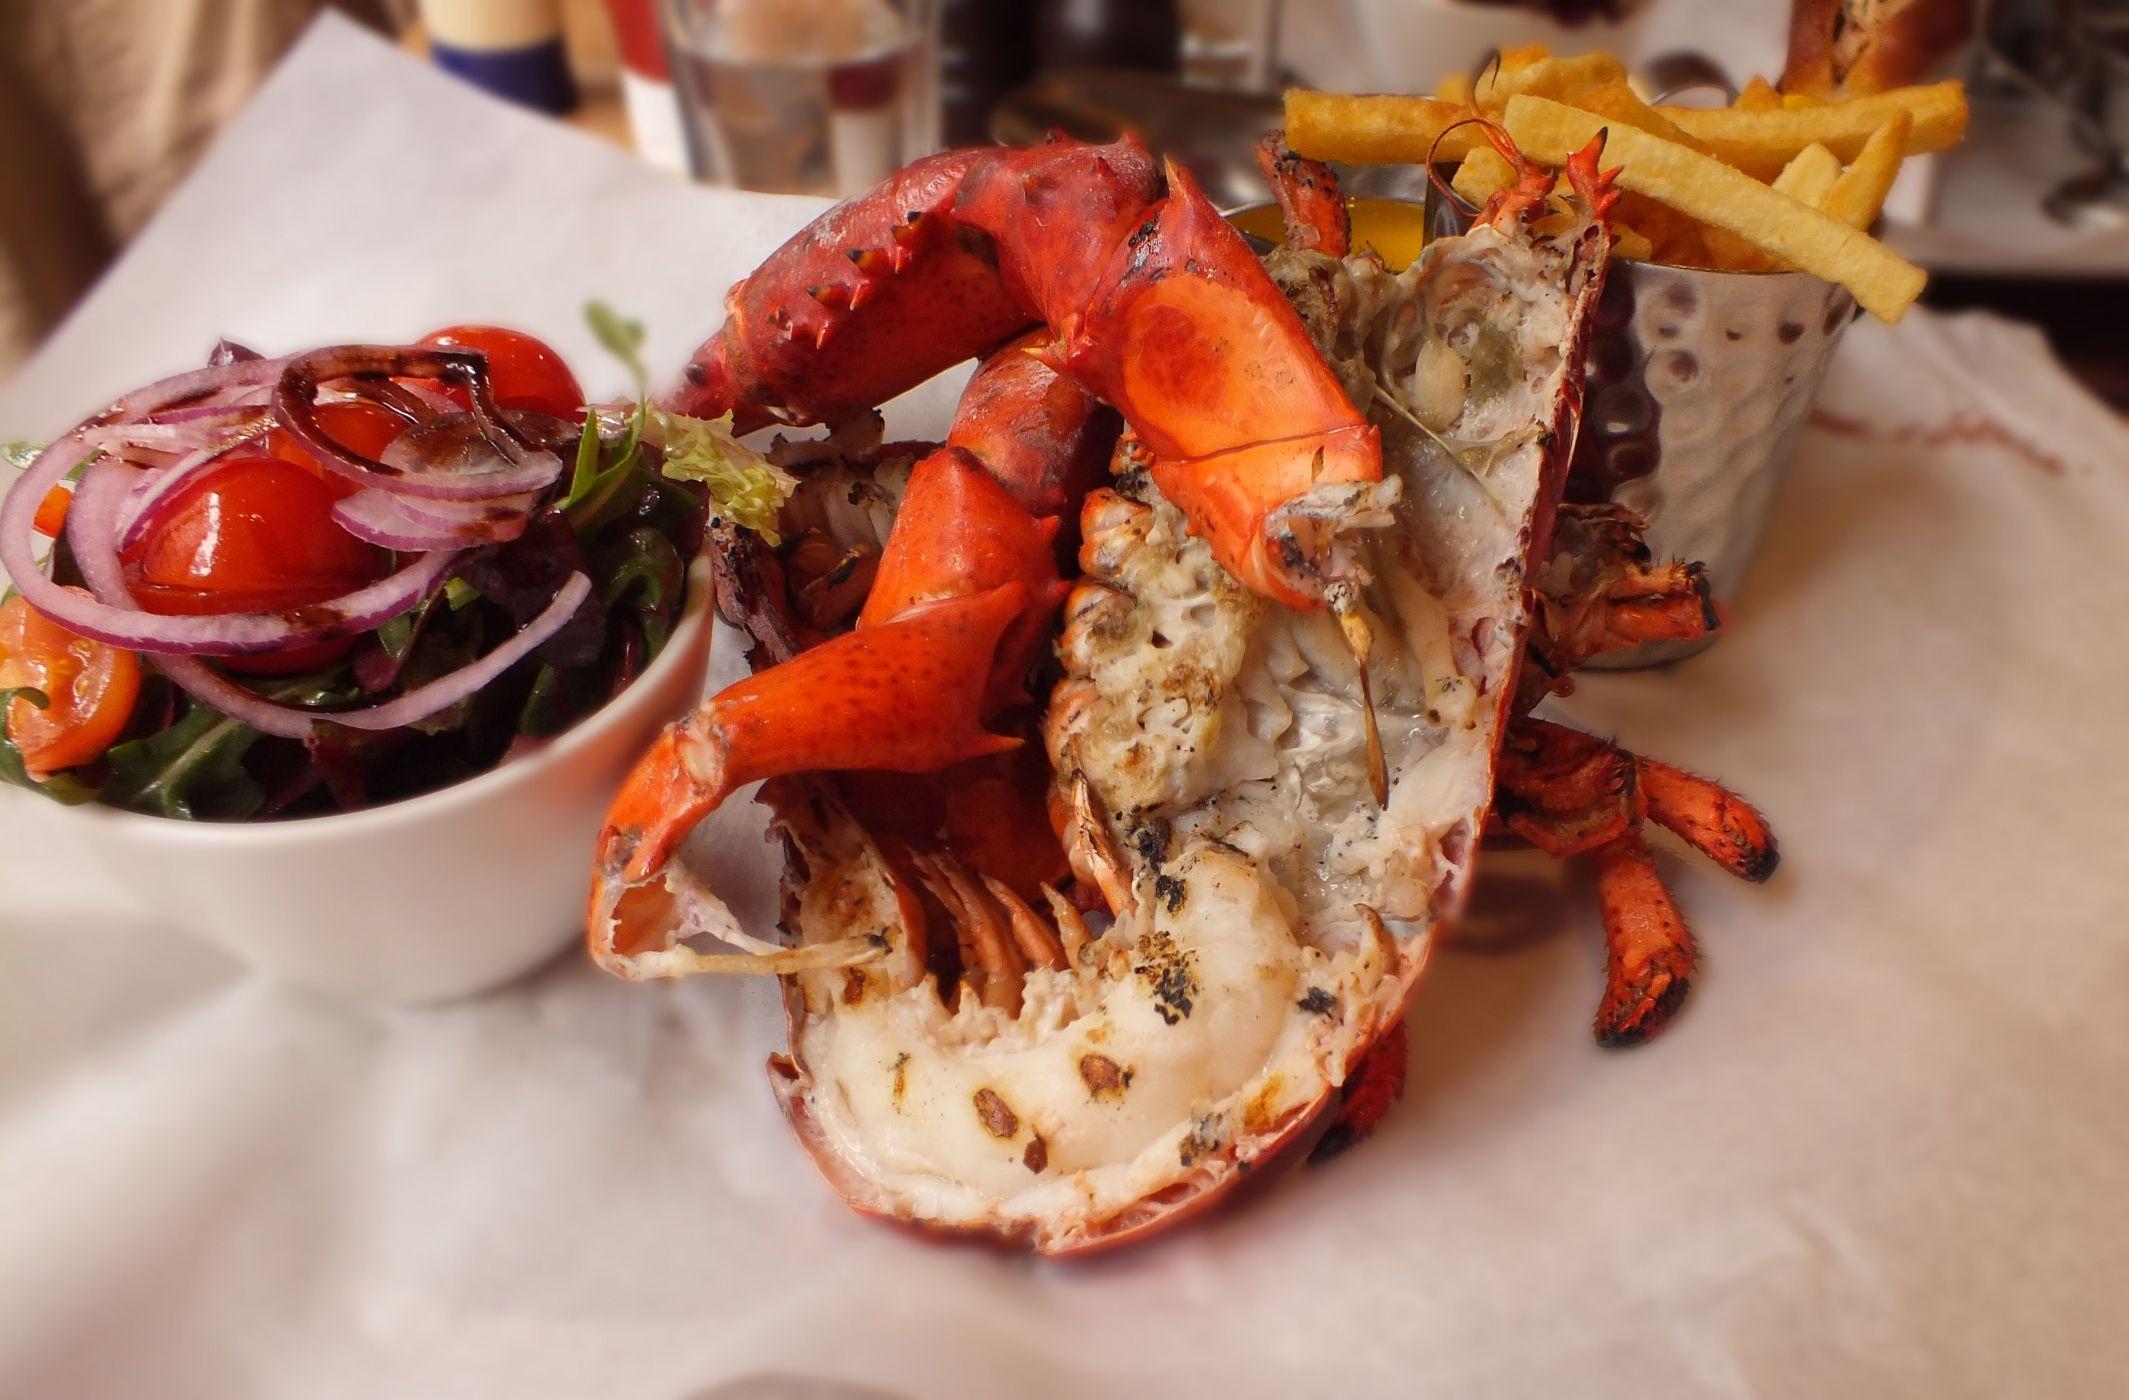 fancy lobster meal